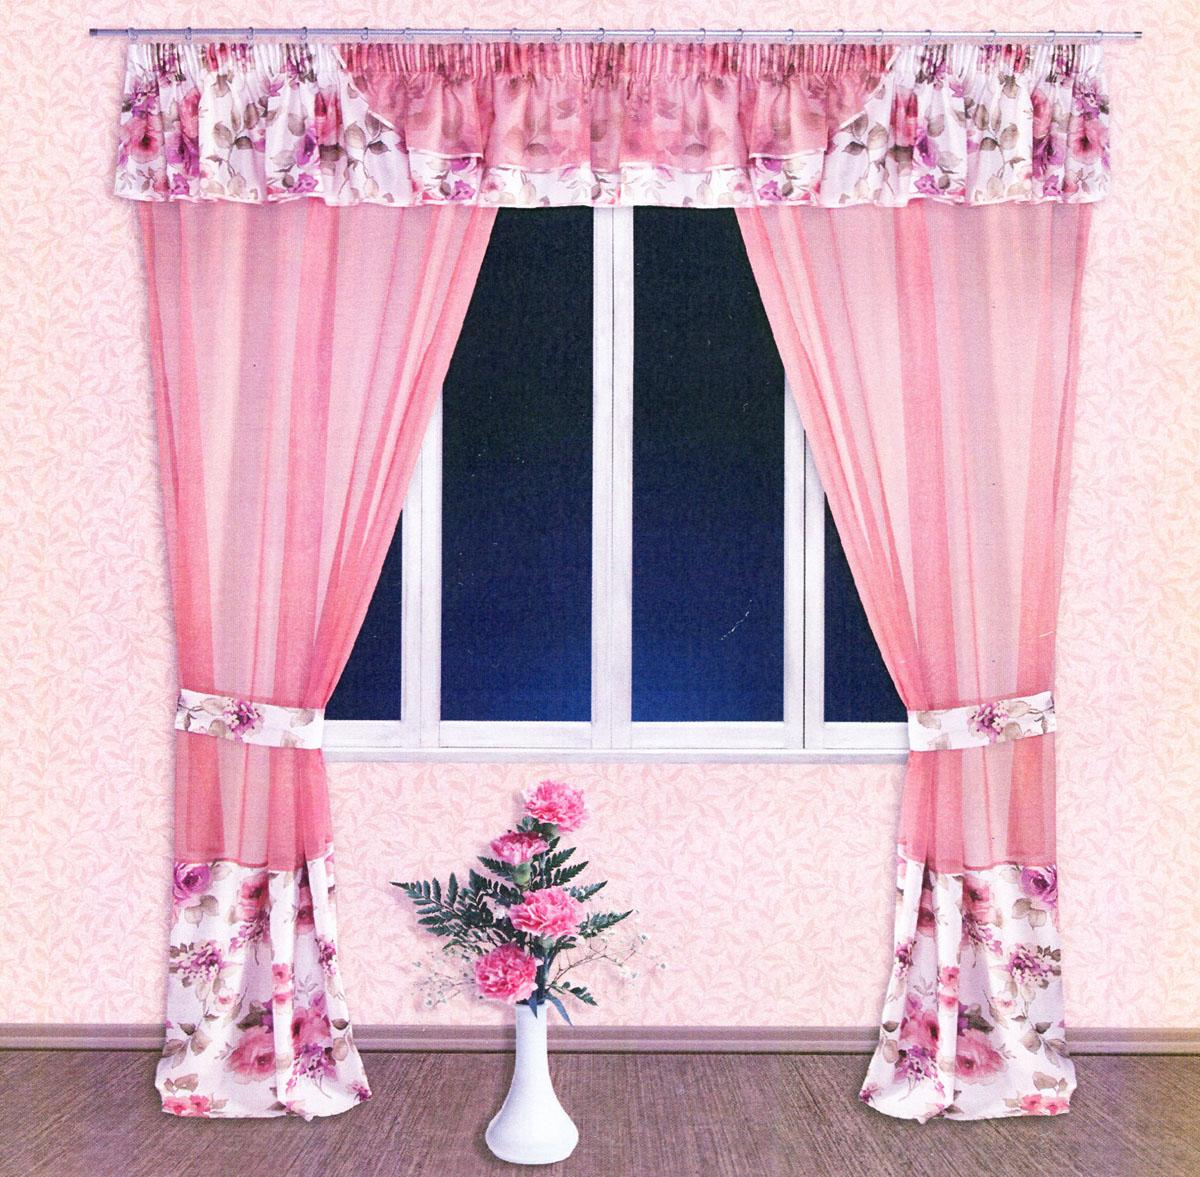 Комплект штор Zlata Korunka, на ленте, цвет: персиковый, белый, сиреневый, высота 250 см. 5552755527Роскошный комплект тюлевых штор Zlata Korunka, выполненный из вуали и сатина (100% полиэстера), великолепно украсит любое окно. Комплект состоит из двух штор, ламбрекена и двух подхватов. Полупрозрачная ткань, цветочный принт и приятная, приглушенная гамма привлекут к себе внимание и органично впишутся в интерьер помещения. Комплект крепится на карниз при помощи шторной ленты, которая поможет красиво и равномерно задрапировать верх. Шторы можно зафиксировать в одном положении с помощью двух подхватов. Этот комплект будет долгое время радовать вас и вашу семью! В комплект входит: Штора: 2 шт. Размер (ШхВ): 140 см х 250 см. Ламбрекен: 1 шт. Размер (ШхВ): 400 см х 50 см.Подхват: 2 шт. Размер (ШхВ): 60 см х 10 см.